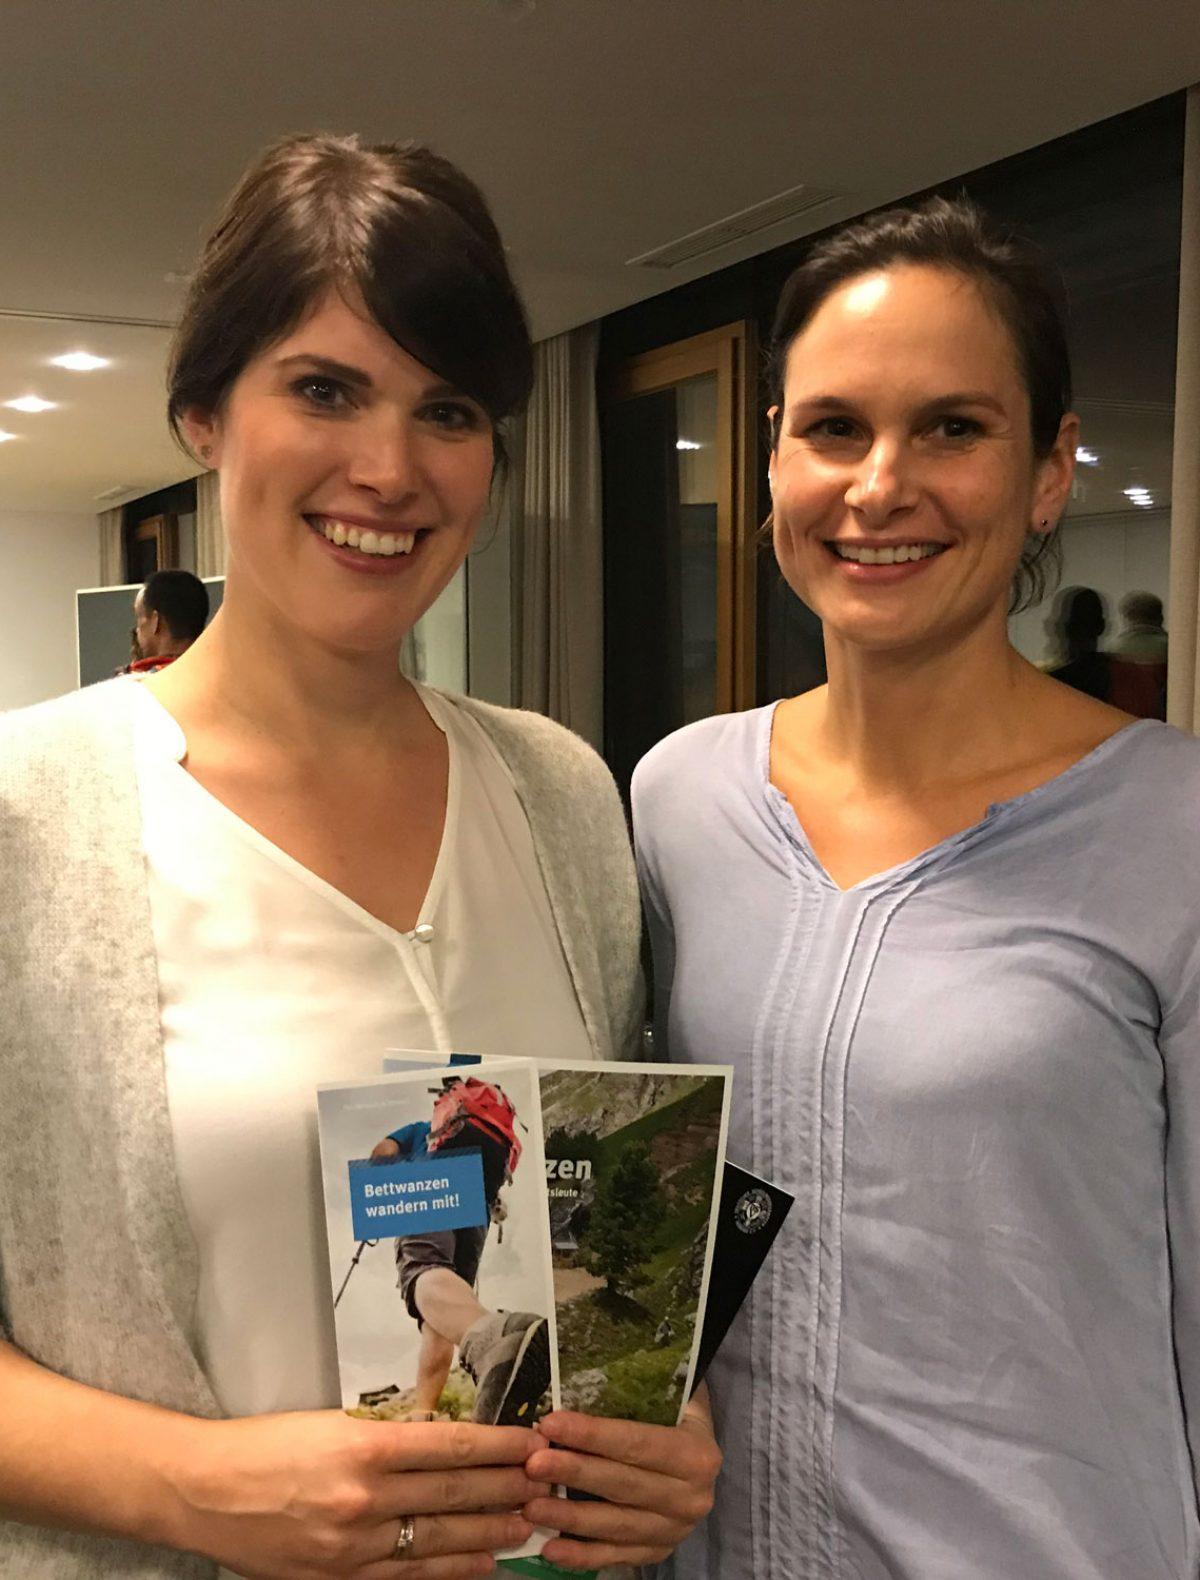 Dr. Arlette Vander Pan und Dr. Anne Krüger starten 2020 einen Feldversuch mit Kieselgur. @ Christina Schwann I bergundsteigenblog